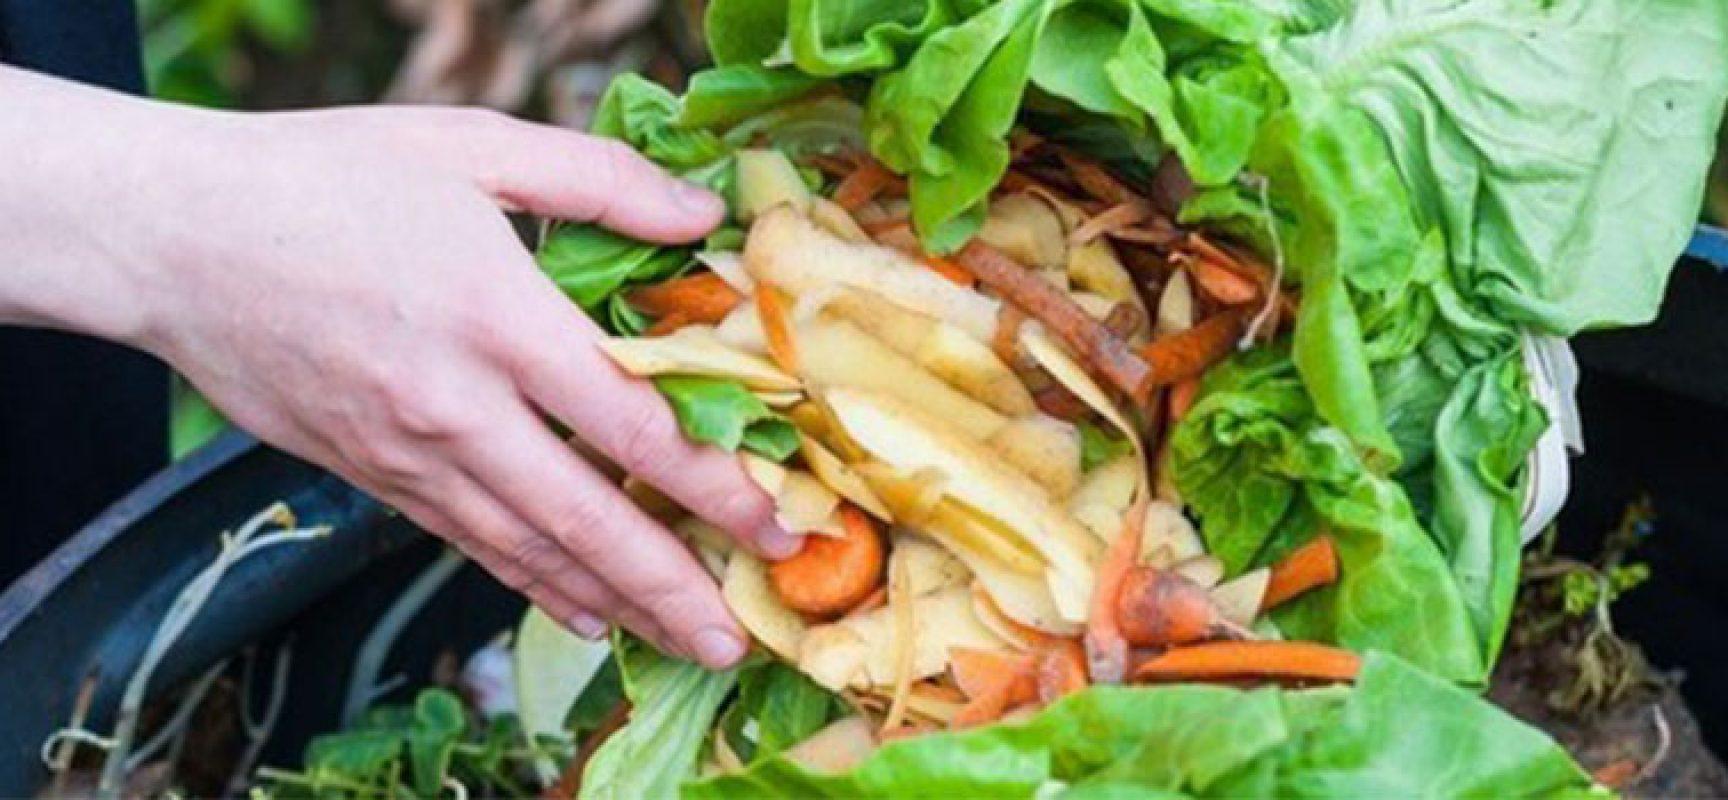 Al Castello di Bisceglie workshop per il contrasto allo spreco alimentare